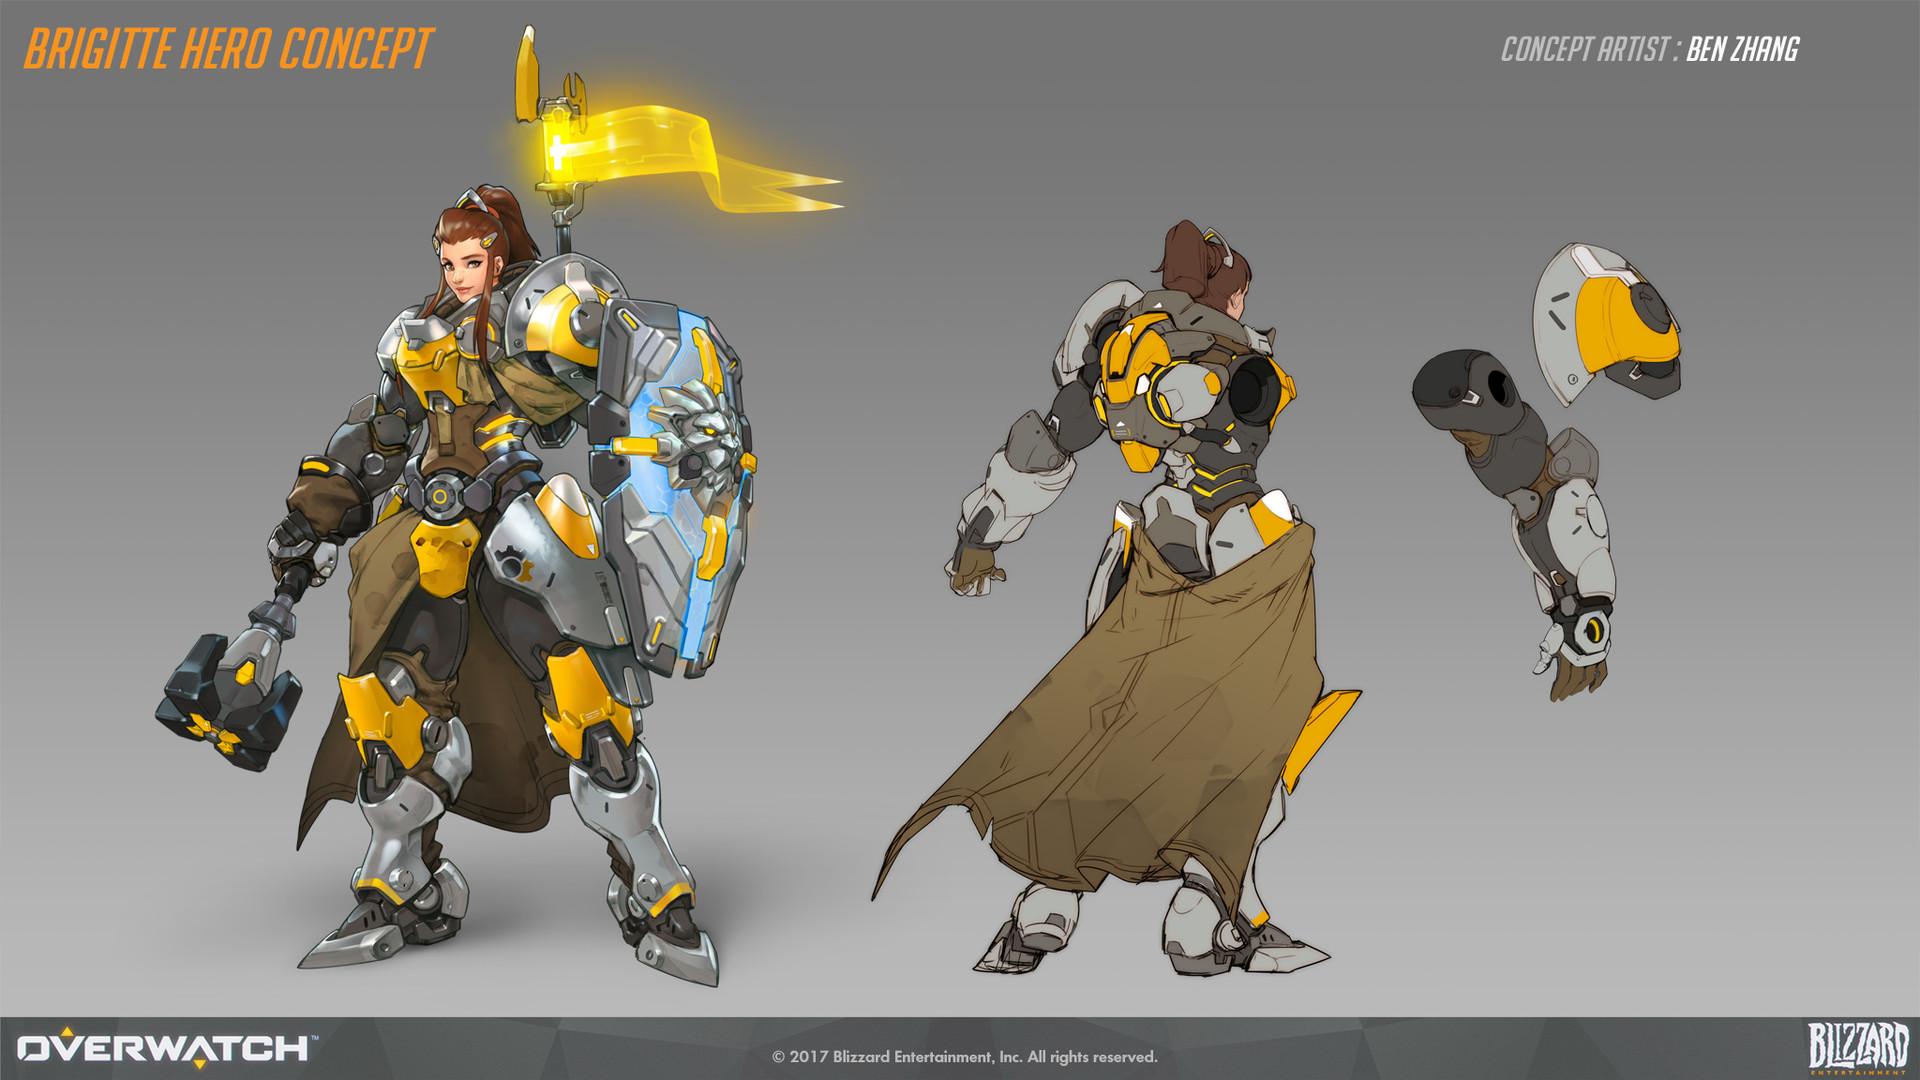 Base hero concept for Brigitte